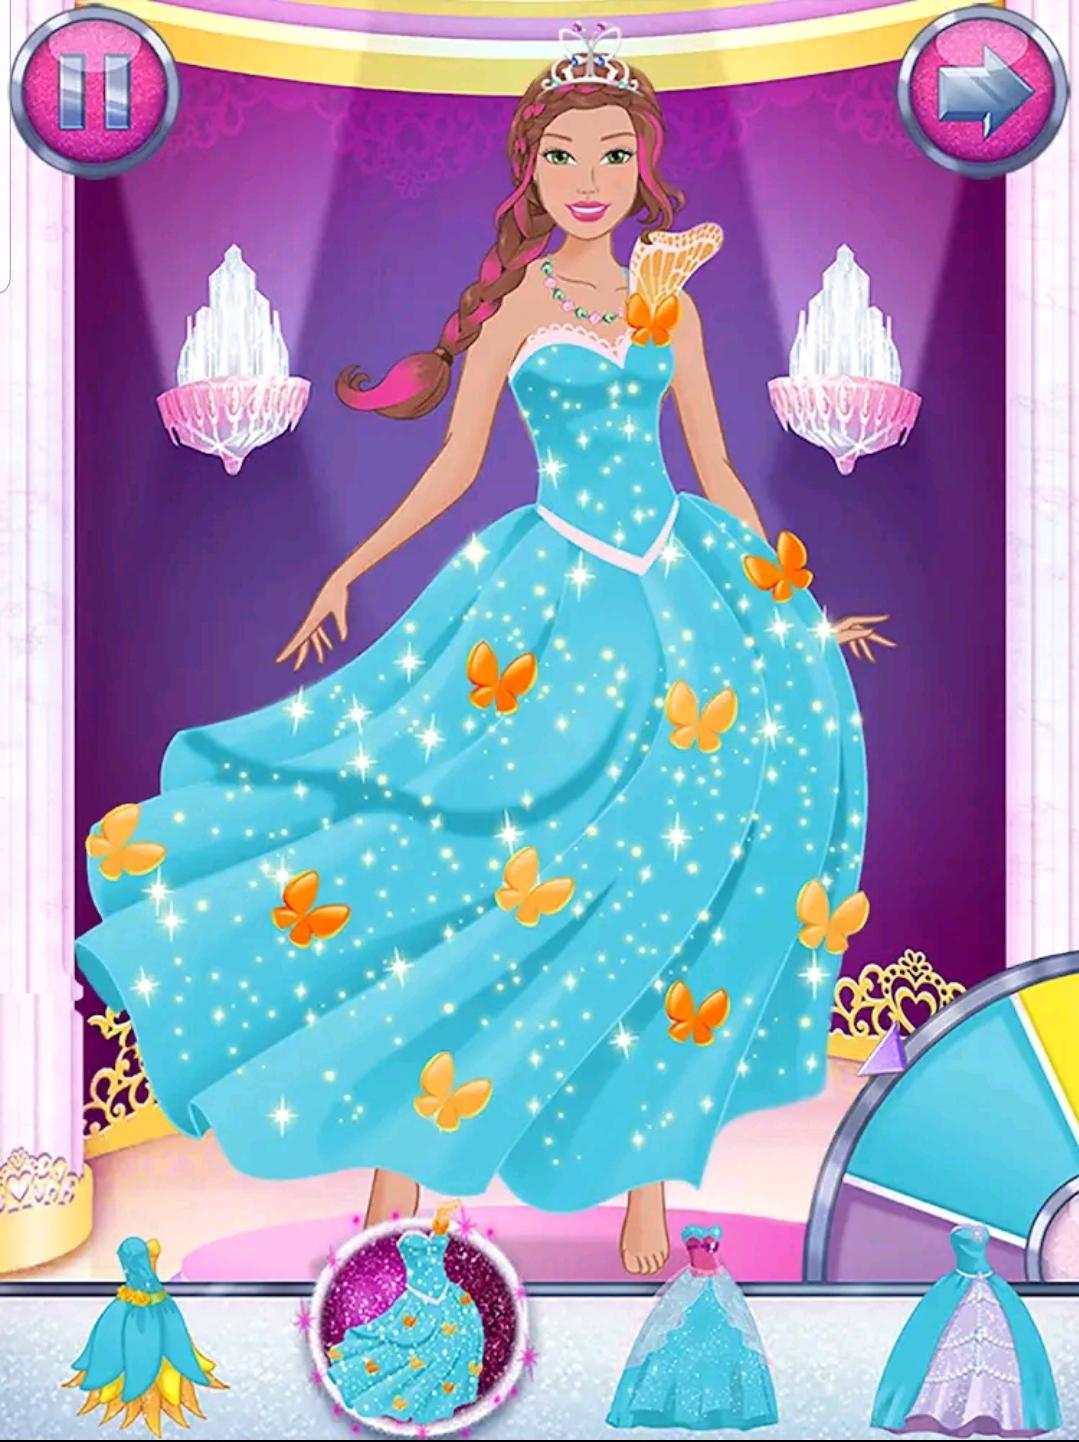 Barbie Games for Girl احدث إصدار للعبة الأكثر من الرائعة 2020